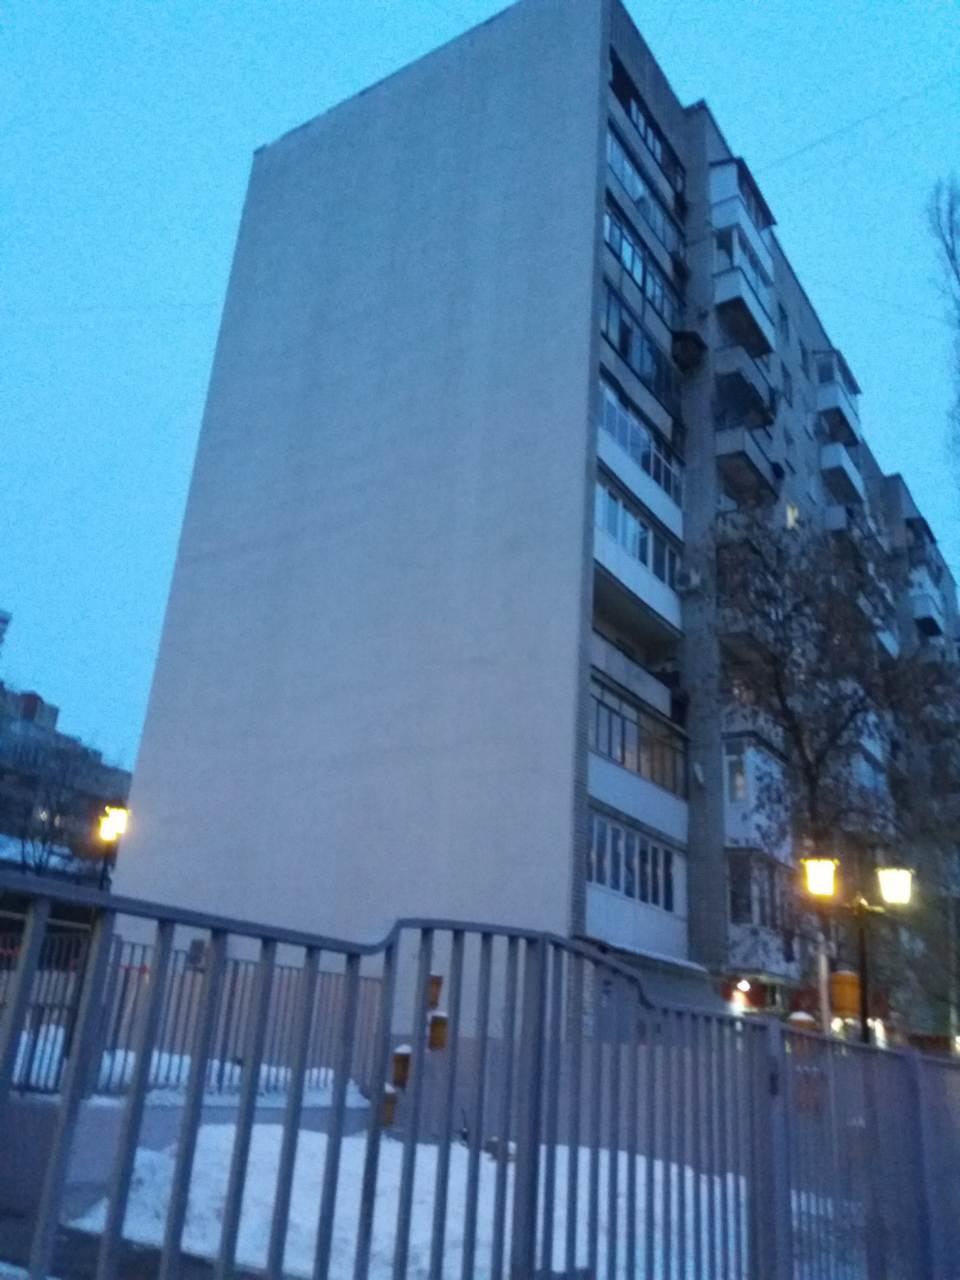 Продам 2-комнатную квартиру в городе Саратов, на улице Рабочая, 28/30, 9-этаж 9-этажного Кирпич дома, площадь: 50/32/7 м2